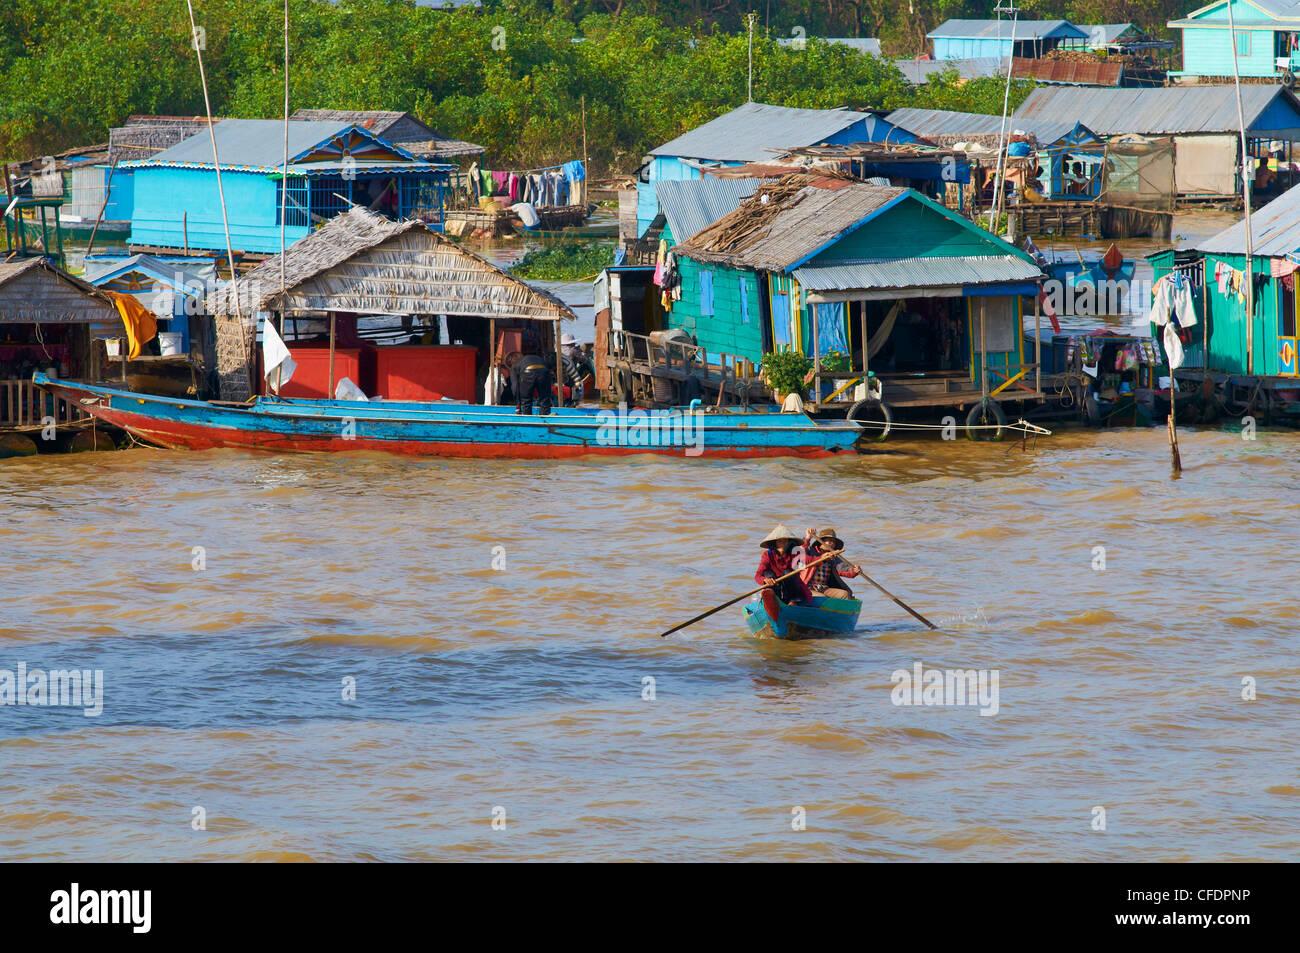 Schwimmende vietnamesischen Dorf, See Tonle Sap, Biosphären Reservat der UNESCO, Siem Reap, Kambodscha, Indochina, Stockbild